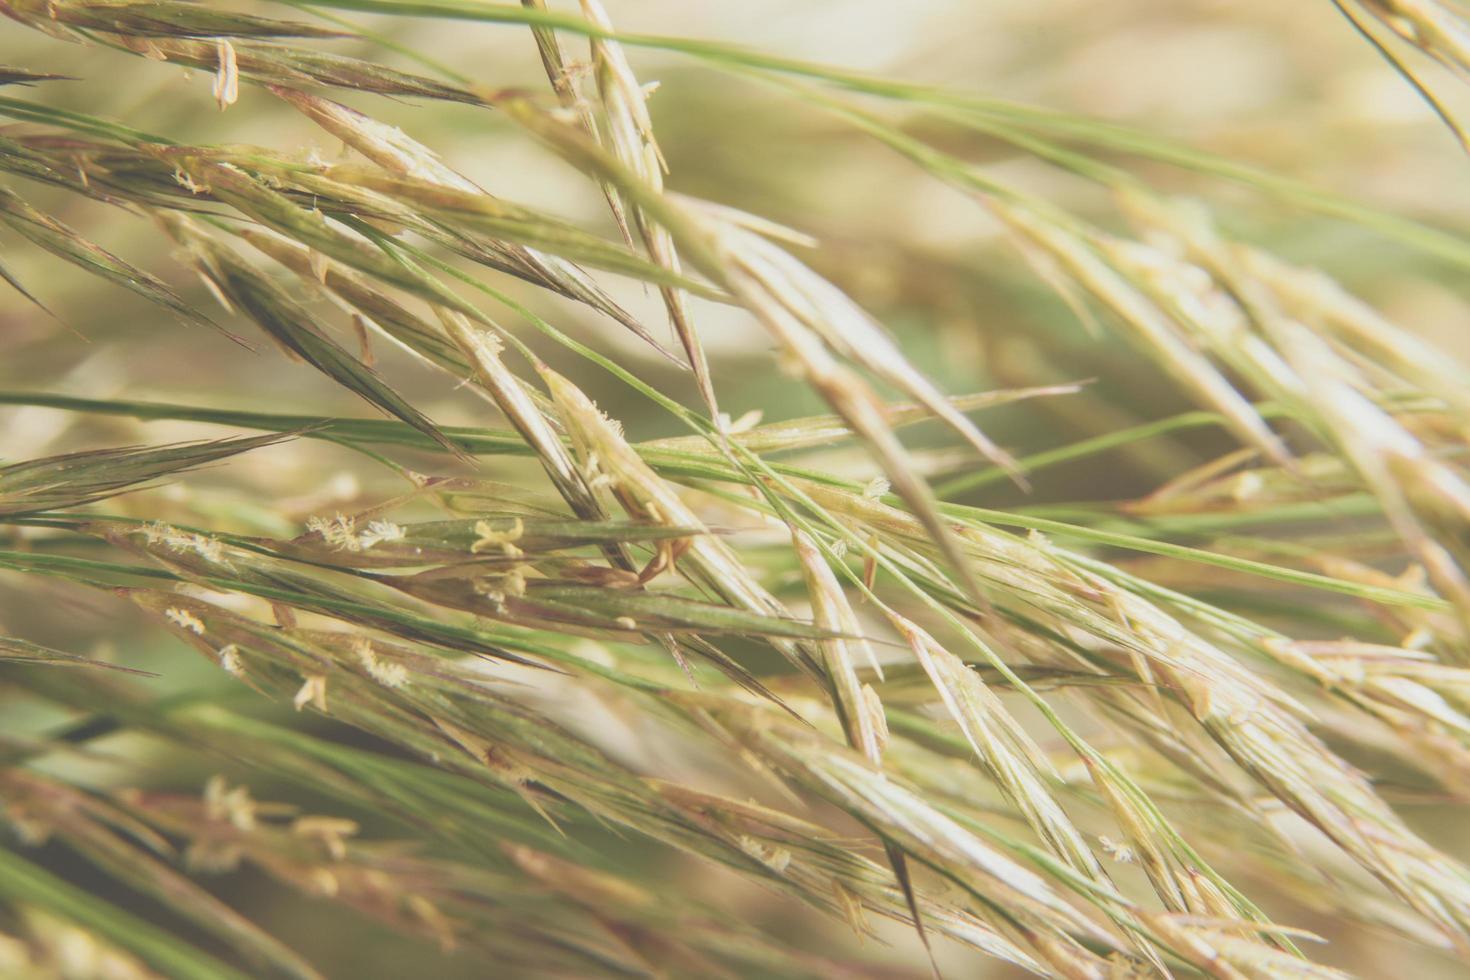 gras bloem macro foto